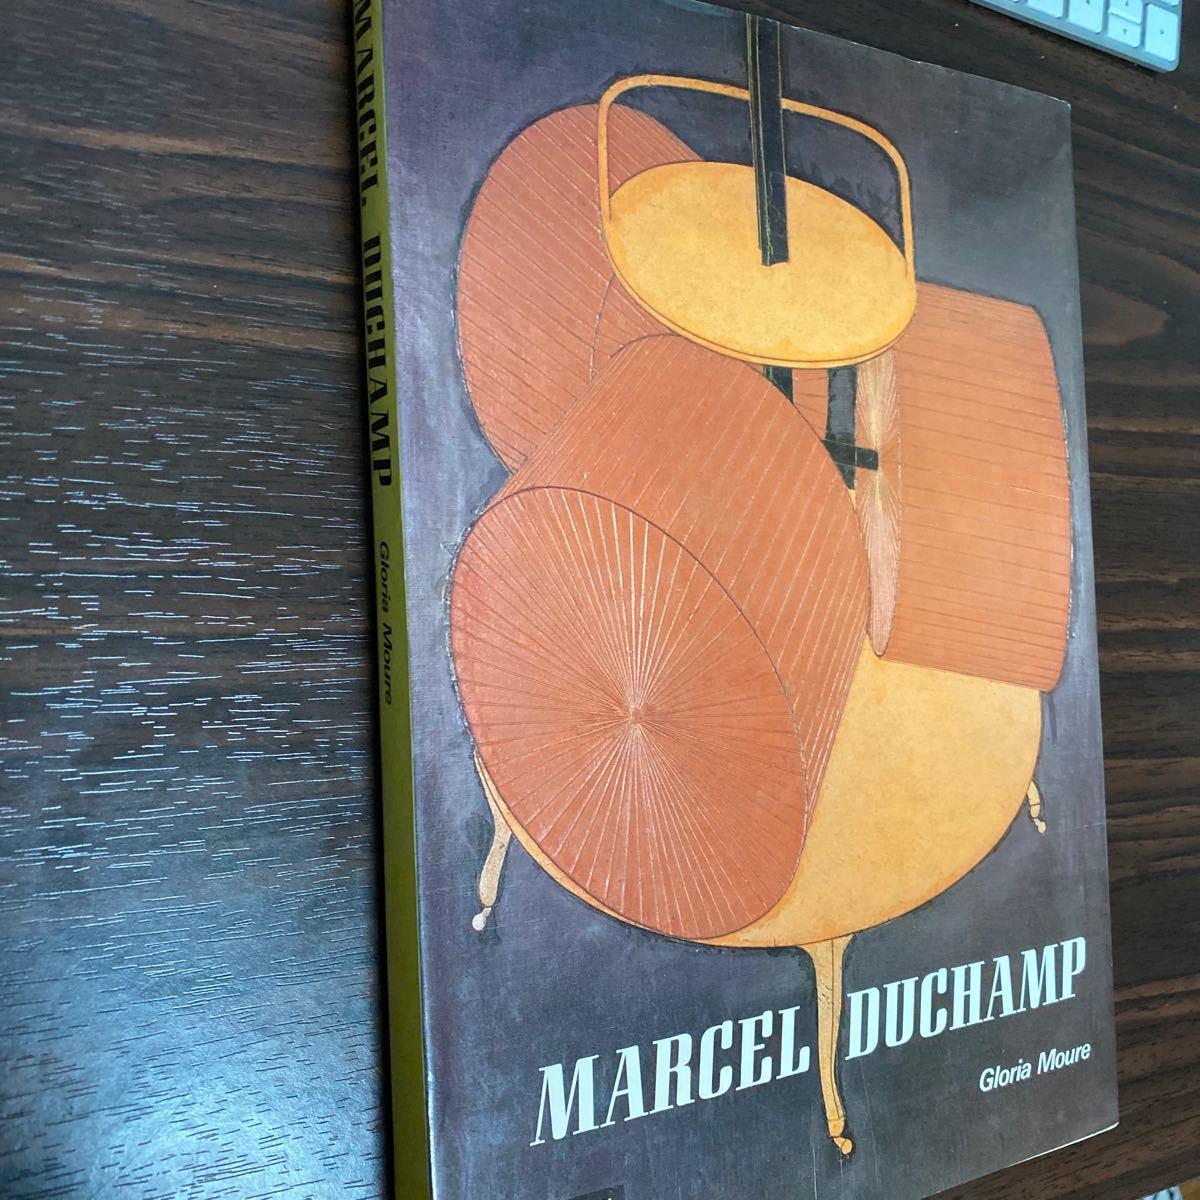 マルセル・デュシャン marcel duchamp gloria moire ハードカバー_画像3